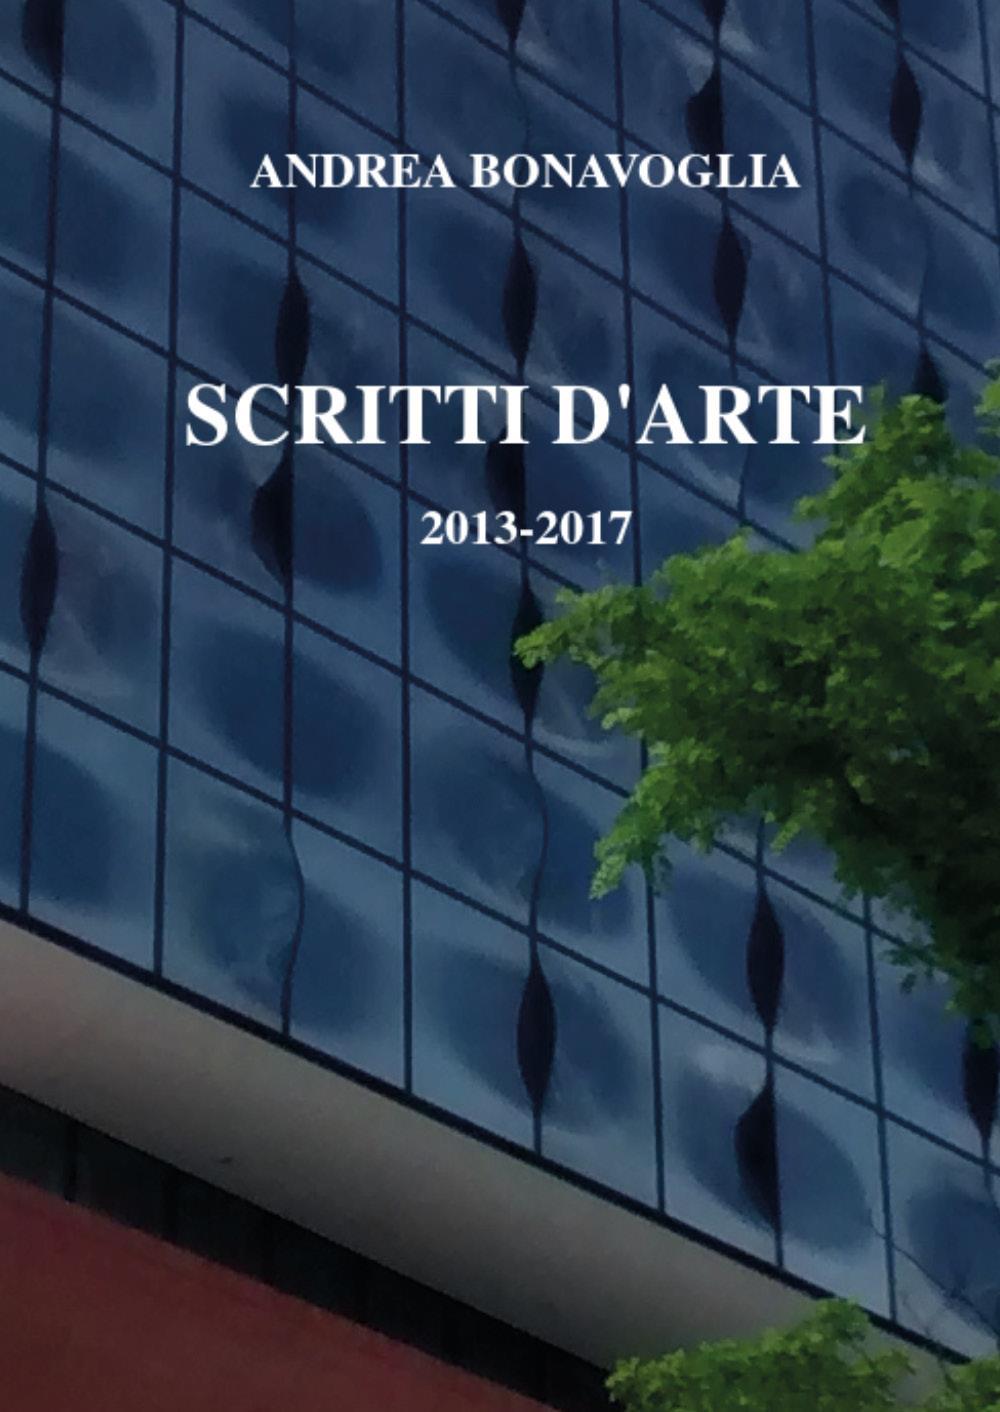 Scritti d'arte 2013-2017